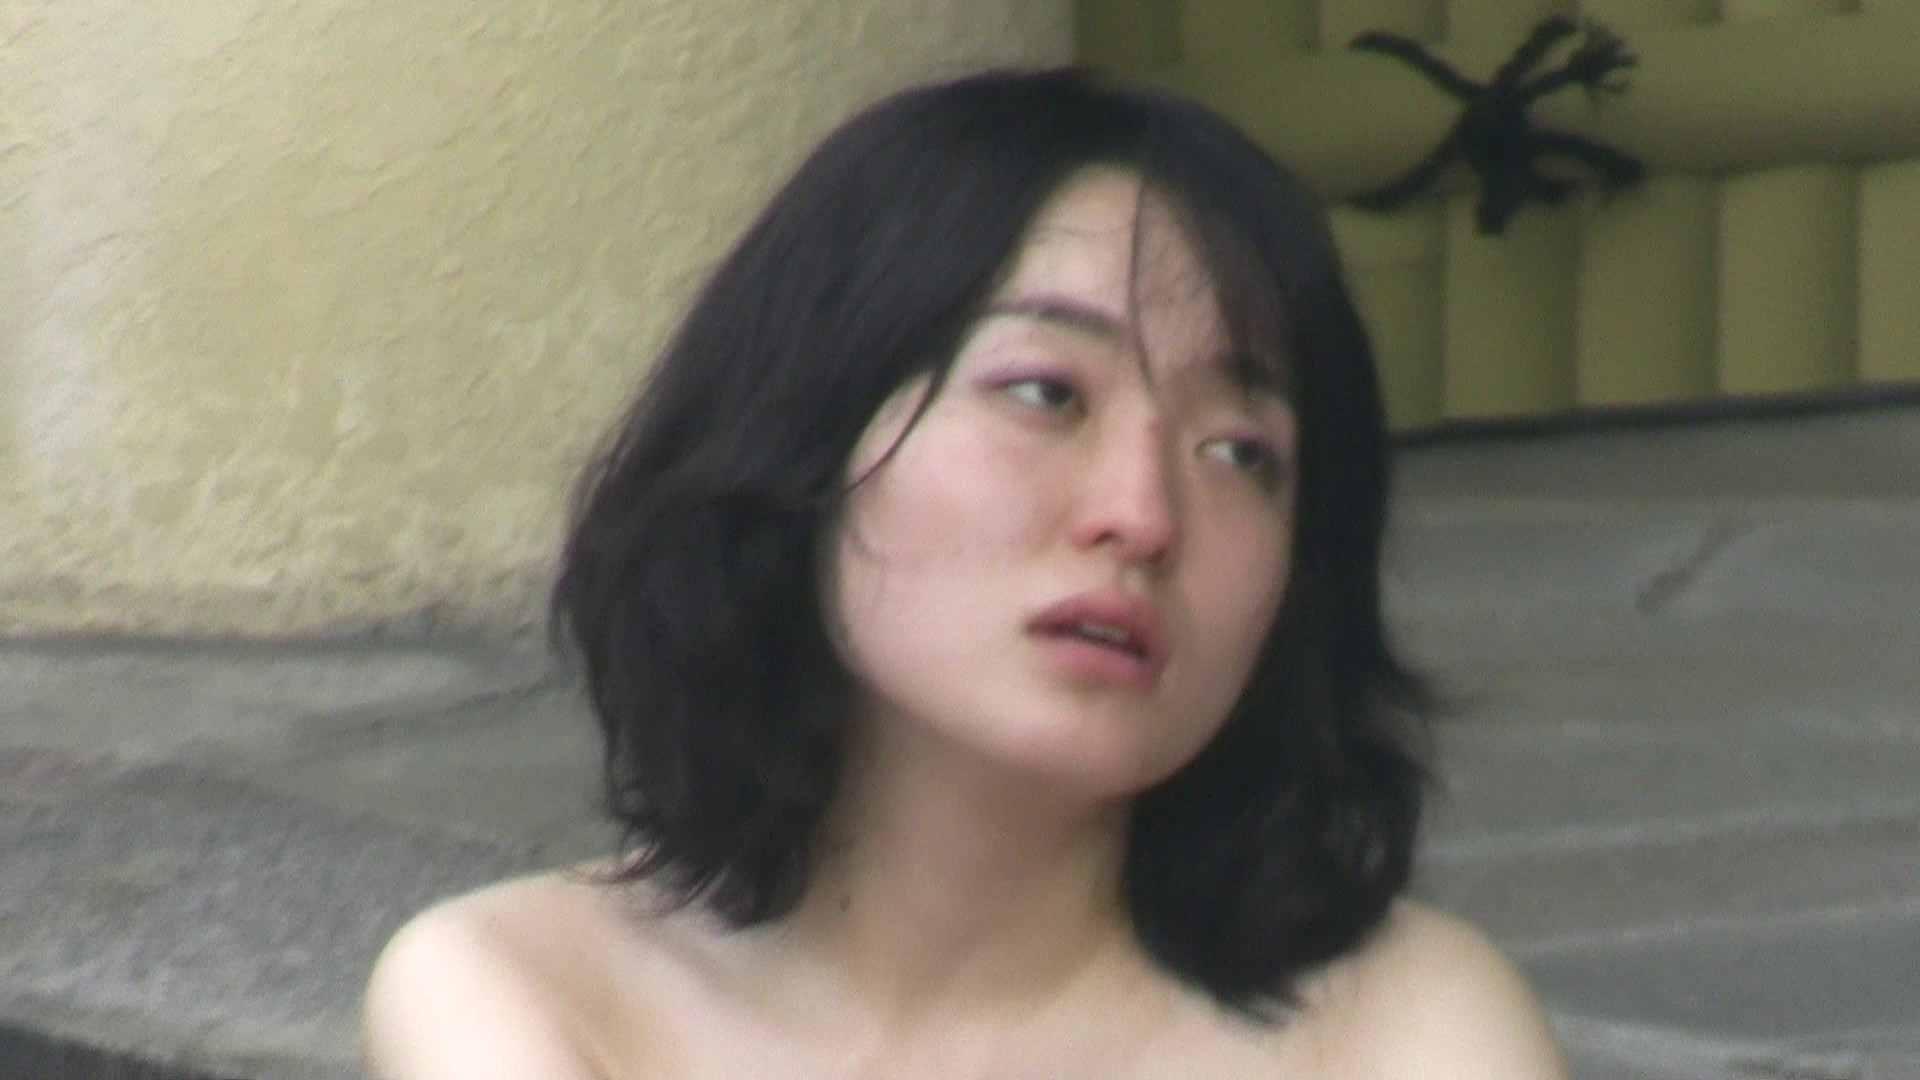 Aquaな露天風呂Vol.681 盗撮 盗撮動画紹介 98画像 59